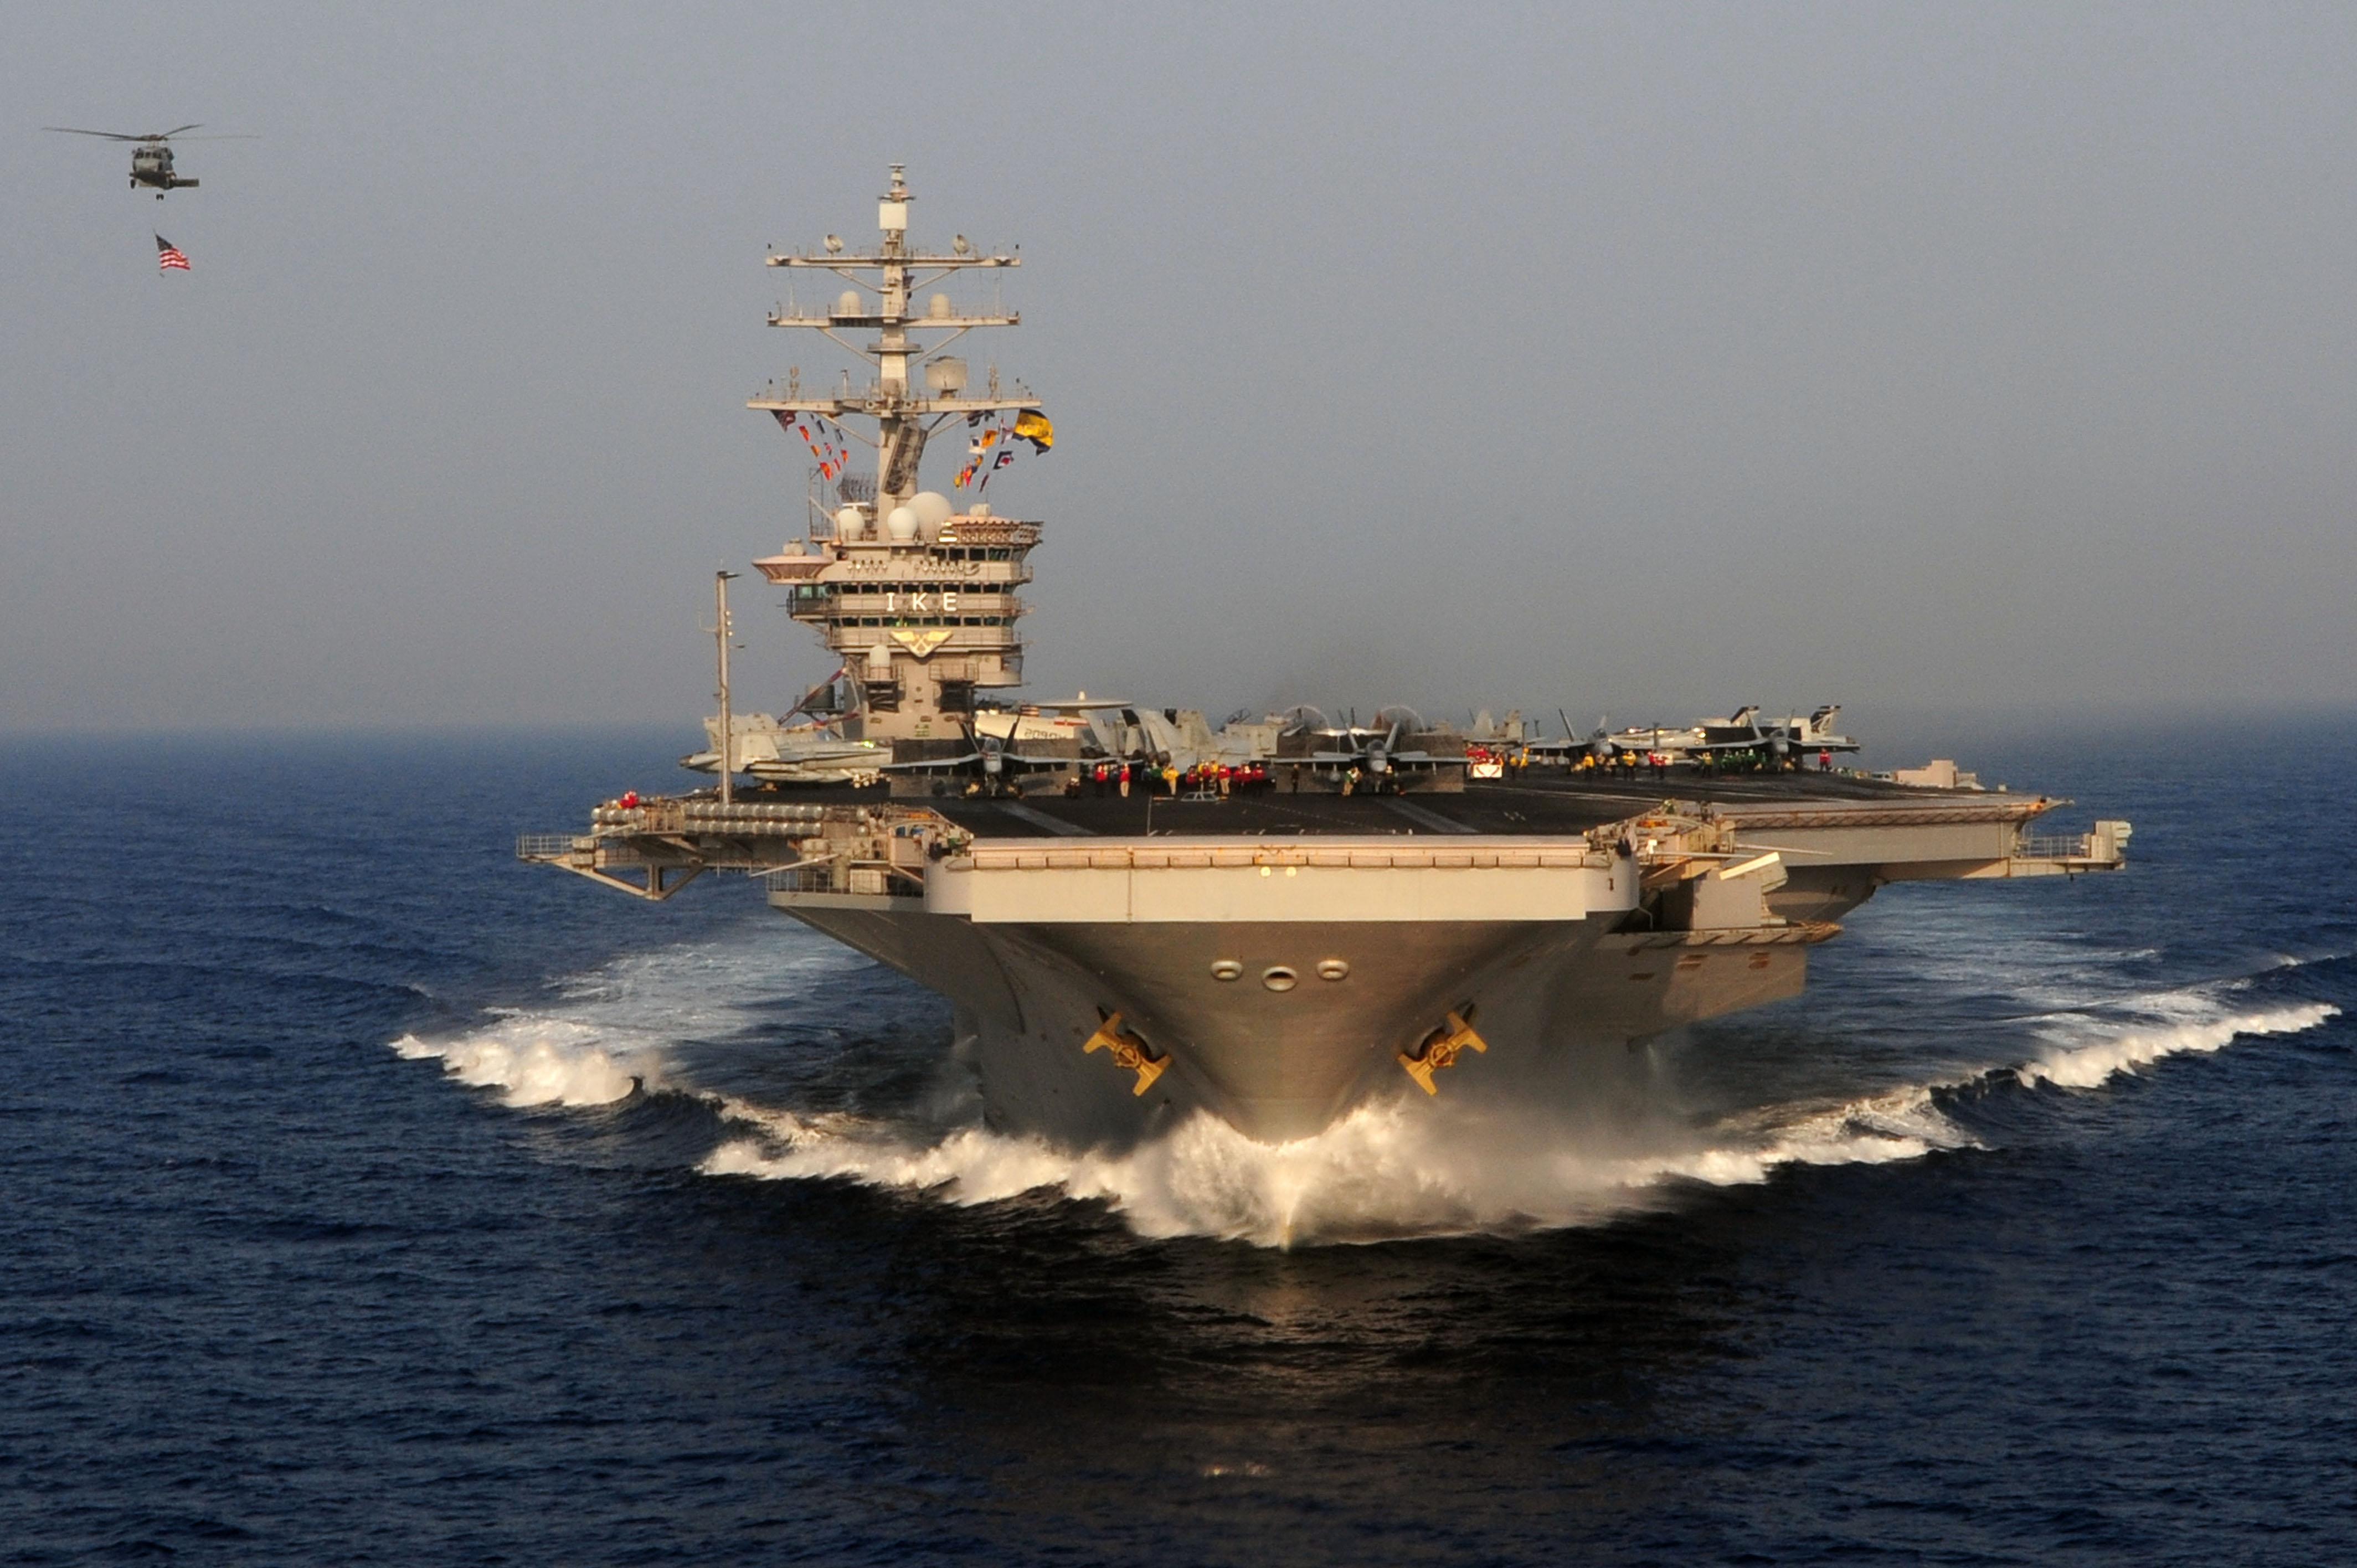 USS DWIGHT D. EISENHOWER CVN-69 Bild: U.S. Navy